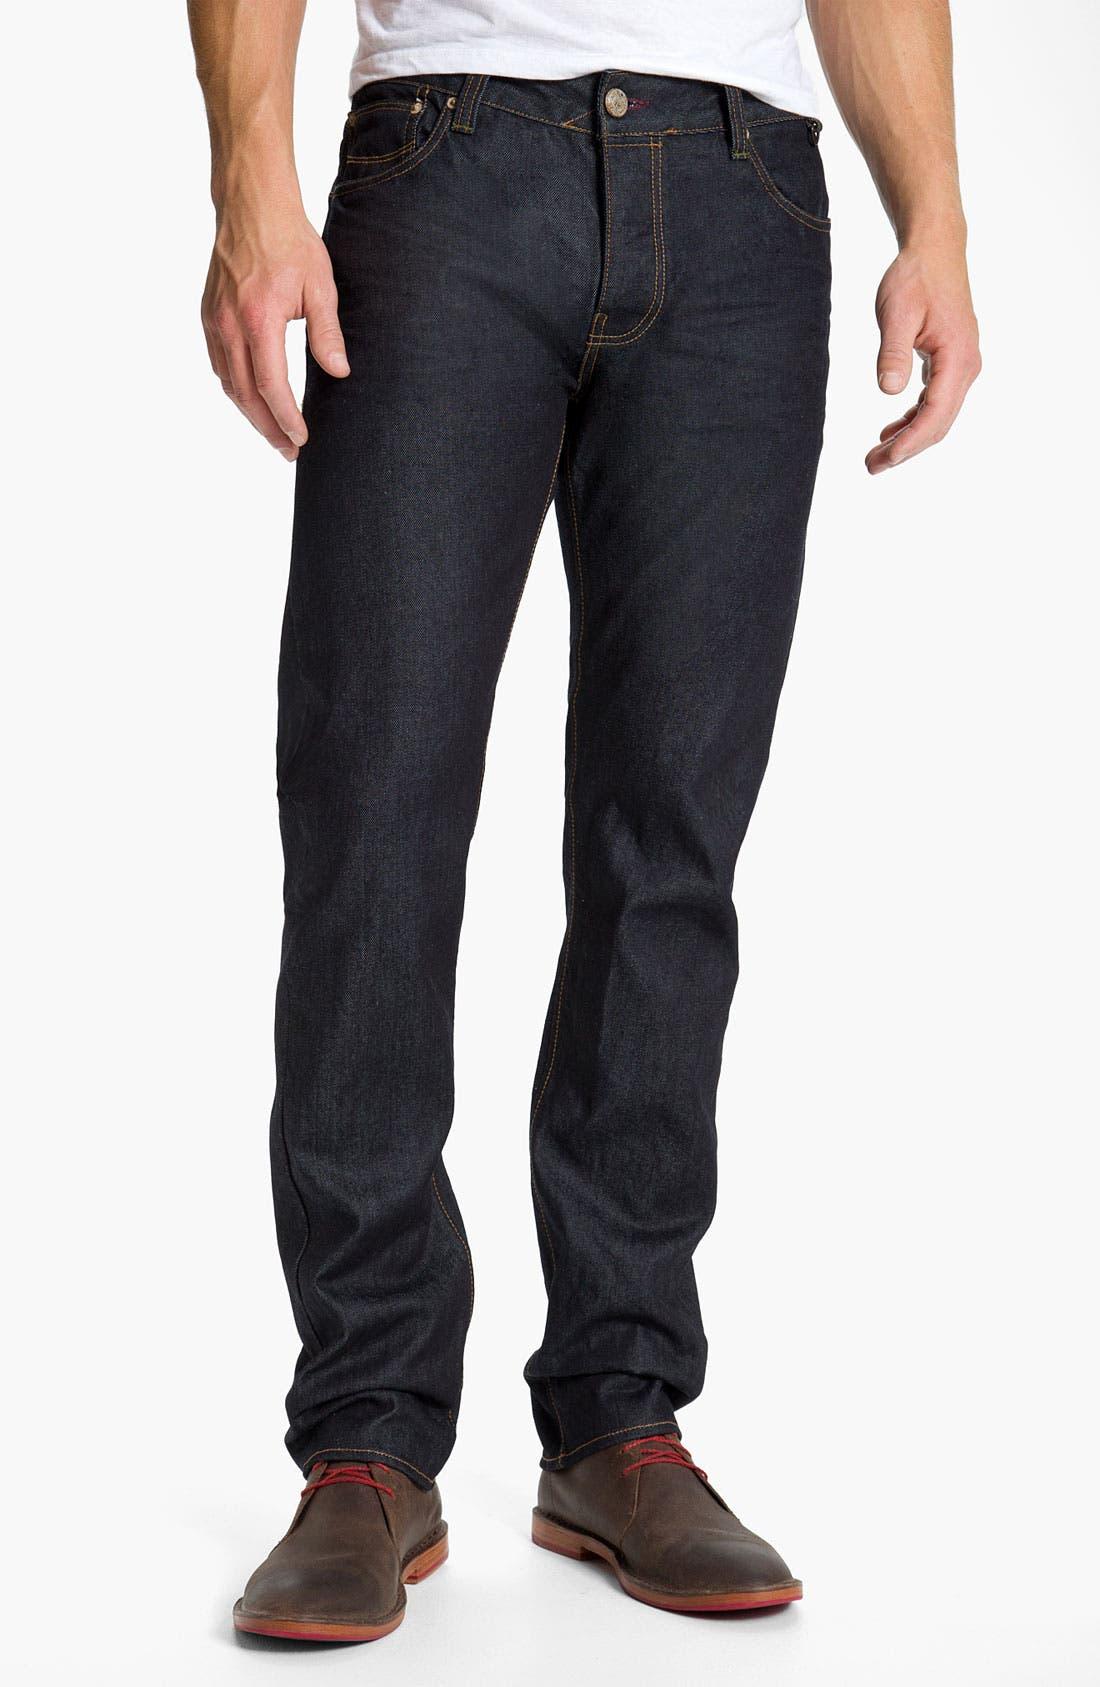 Alternate Image 1 Selected - Ted Baker London Straight Leg Jeans (Rinse Denim)